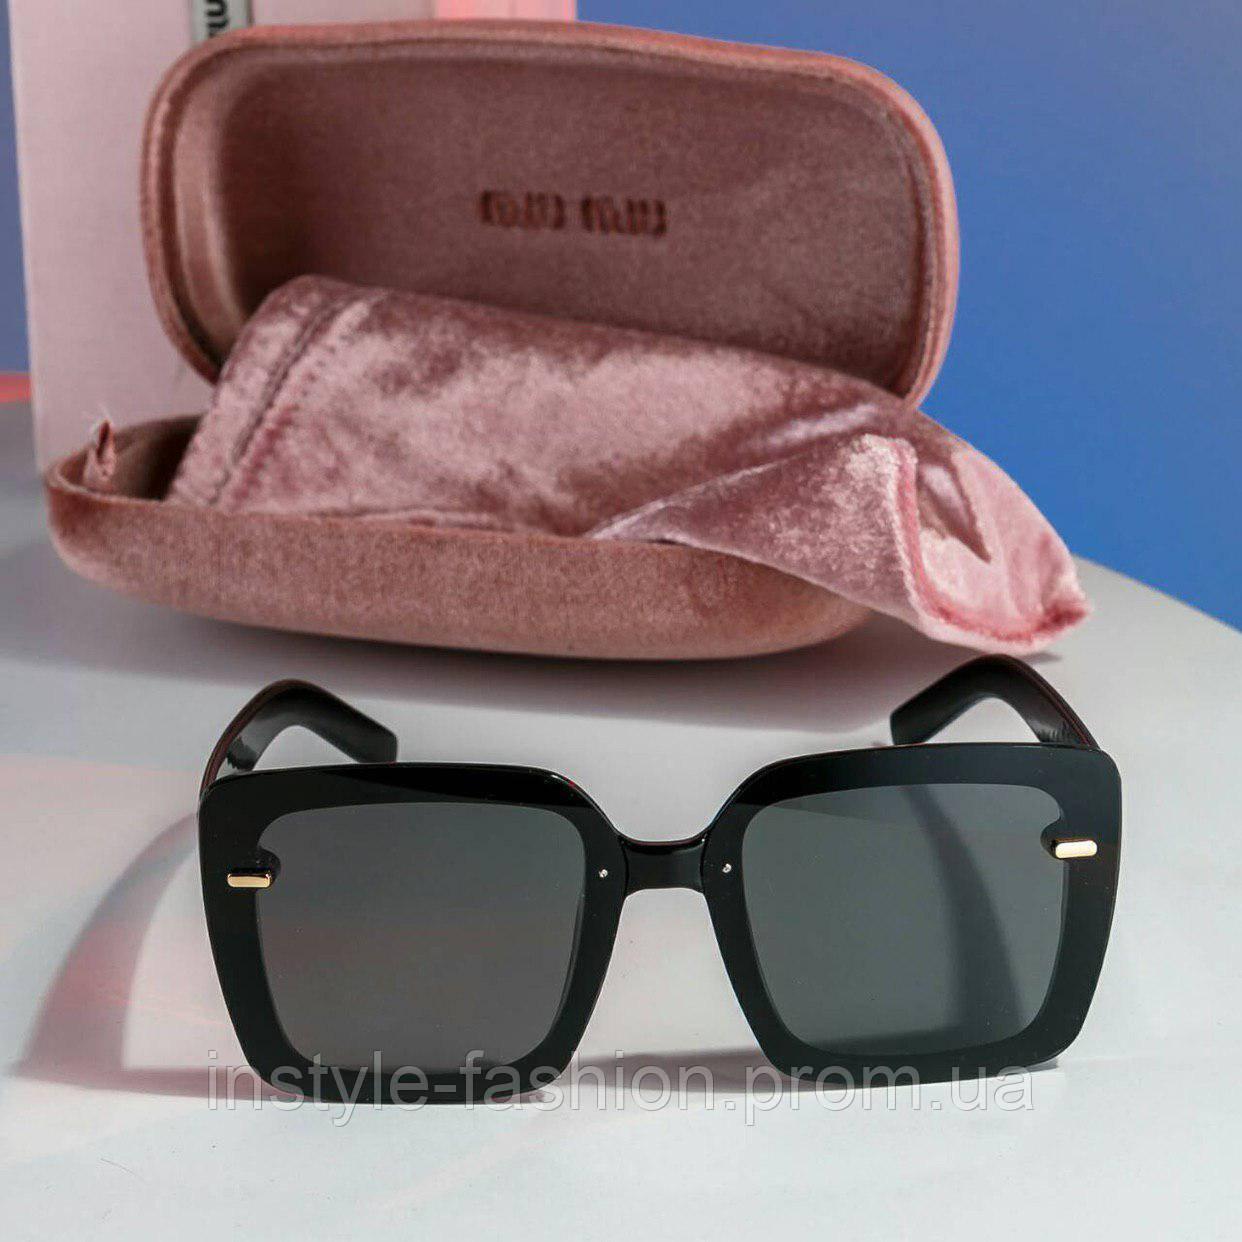 0b04e8b1af18 ... Брендовые женские очки копия Miu Miu Миу Миу polaroid квадратные , фото  7 ...